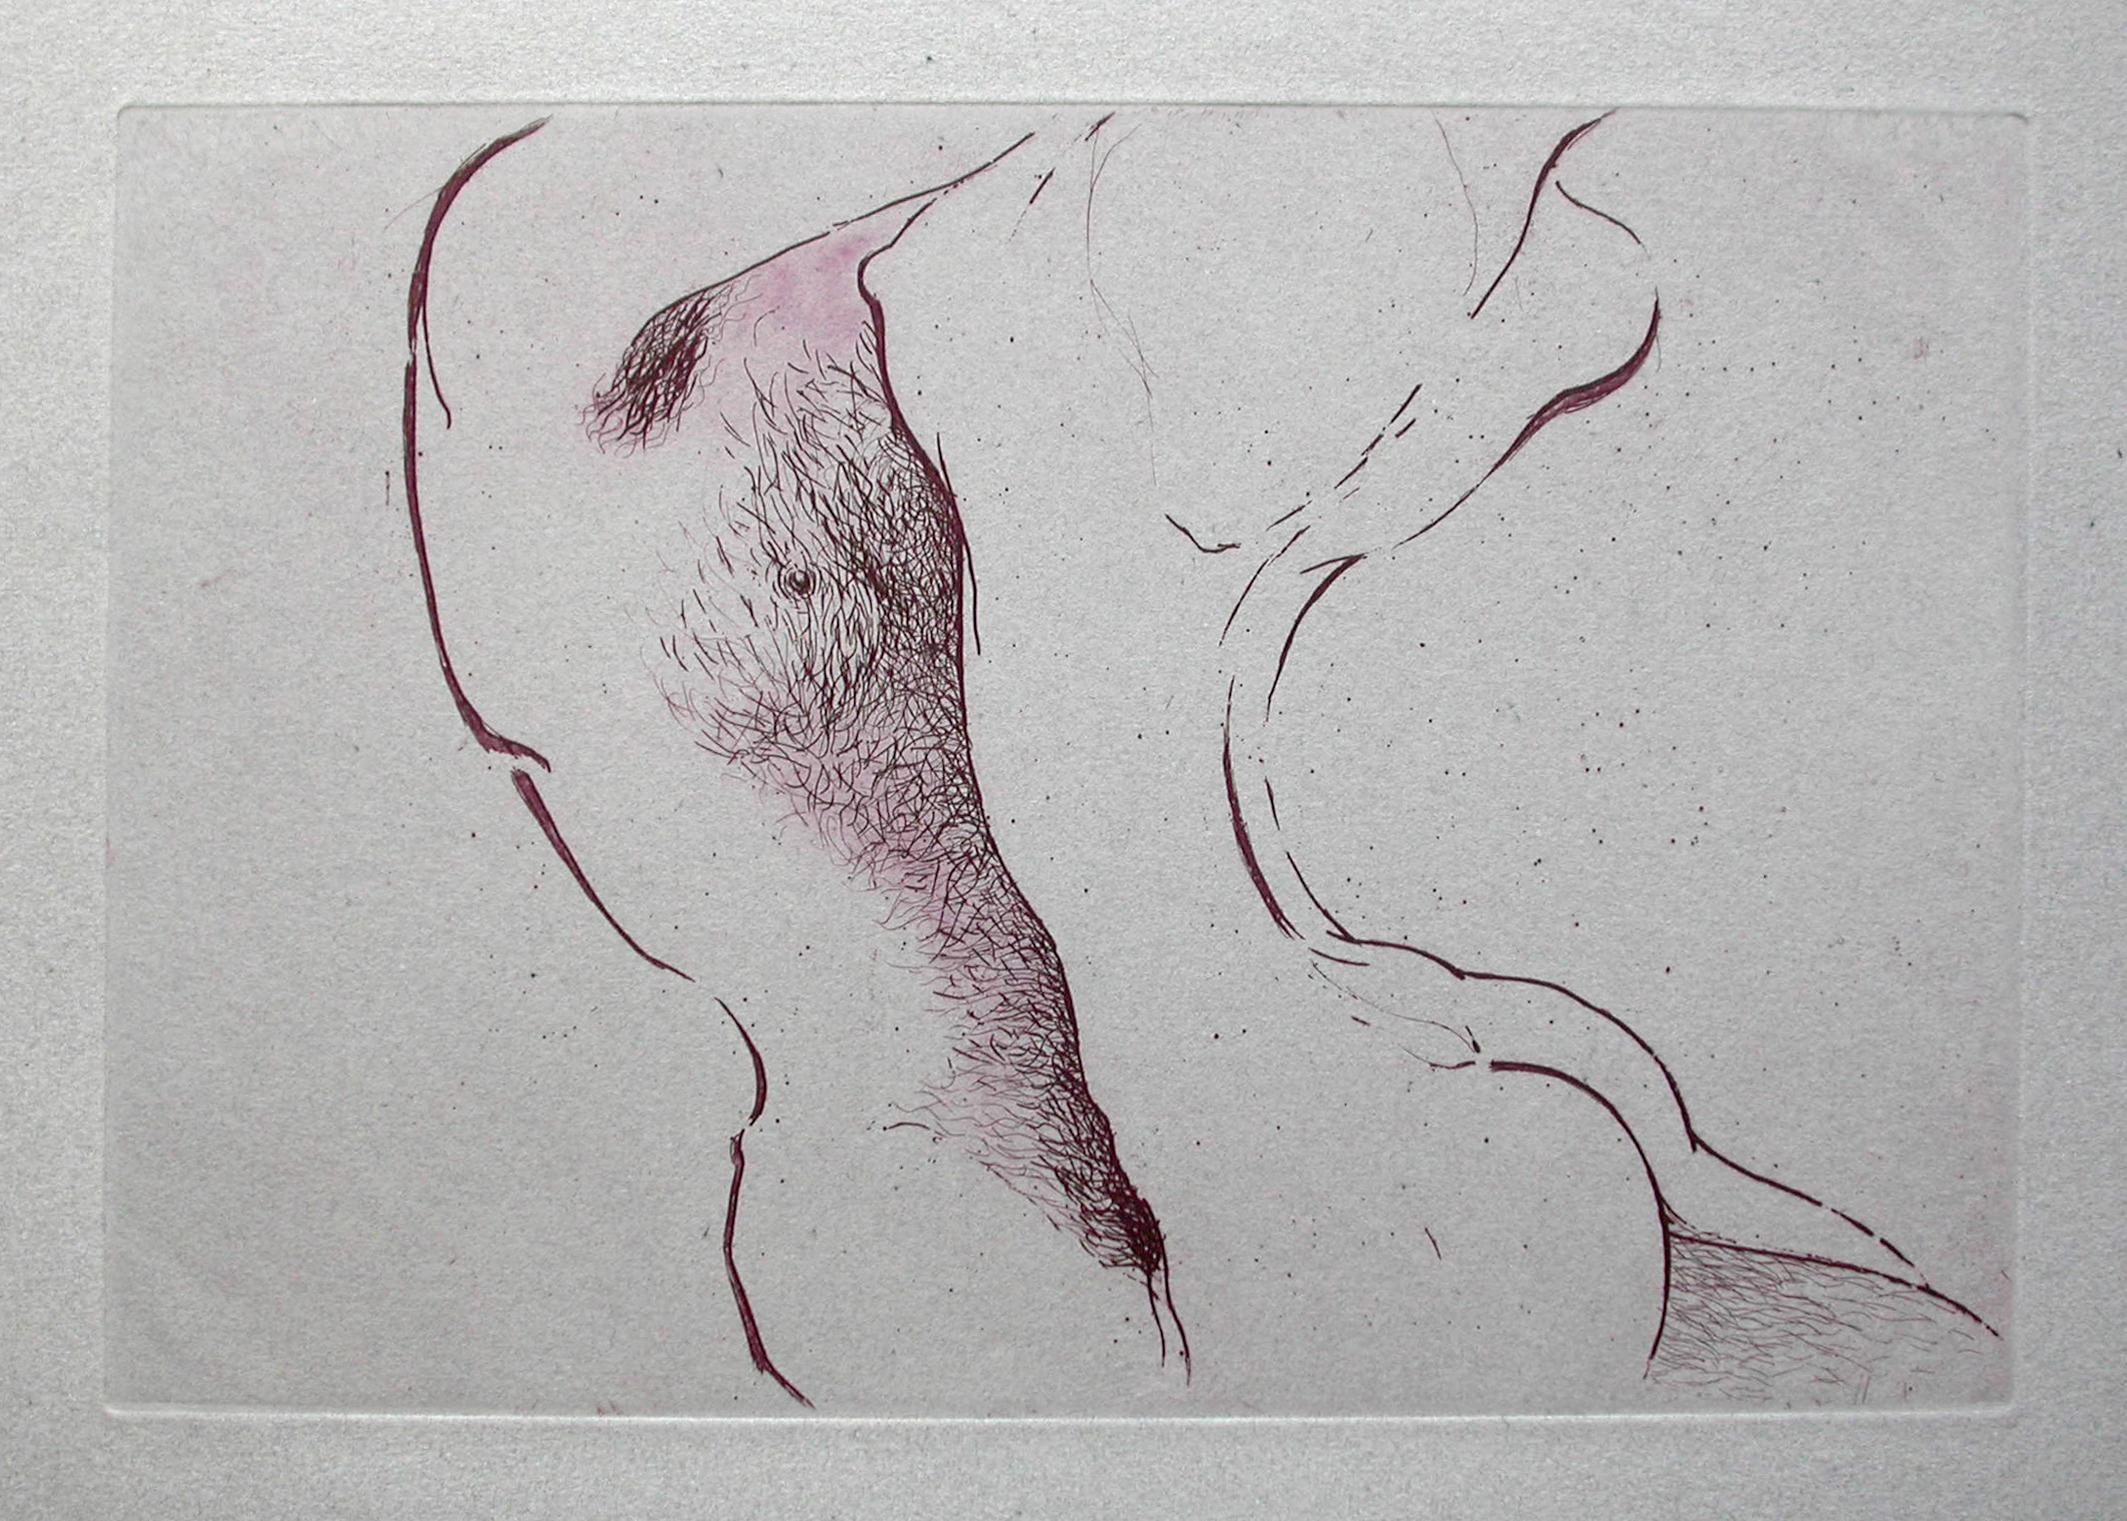 gravure sur papier à l'eau-forte de Monique Flosi à acheter sur le store de la galerie 22 contemporain